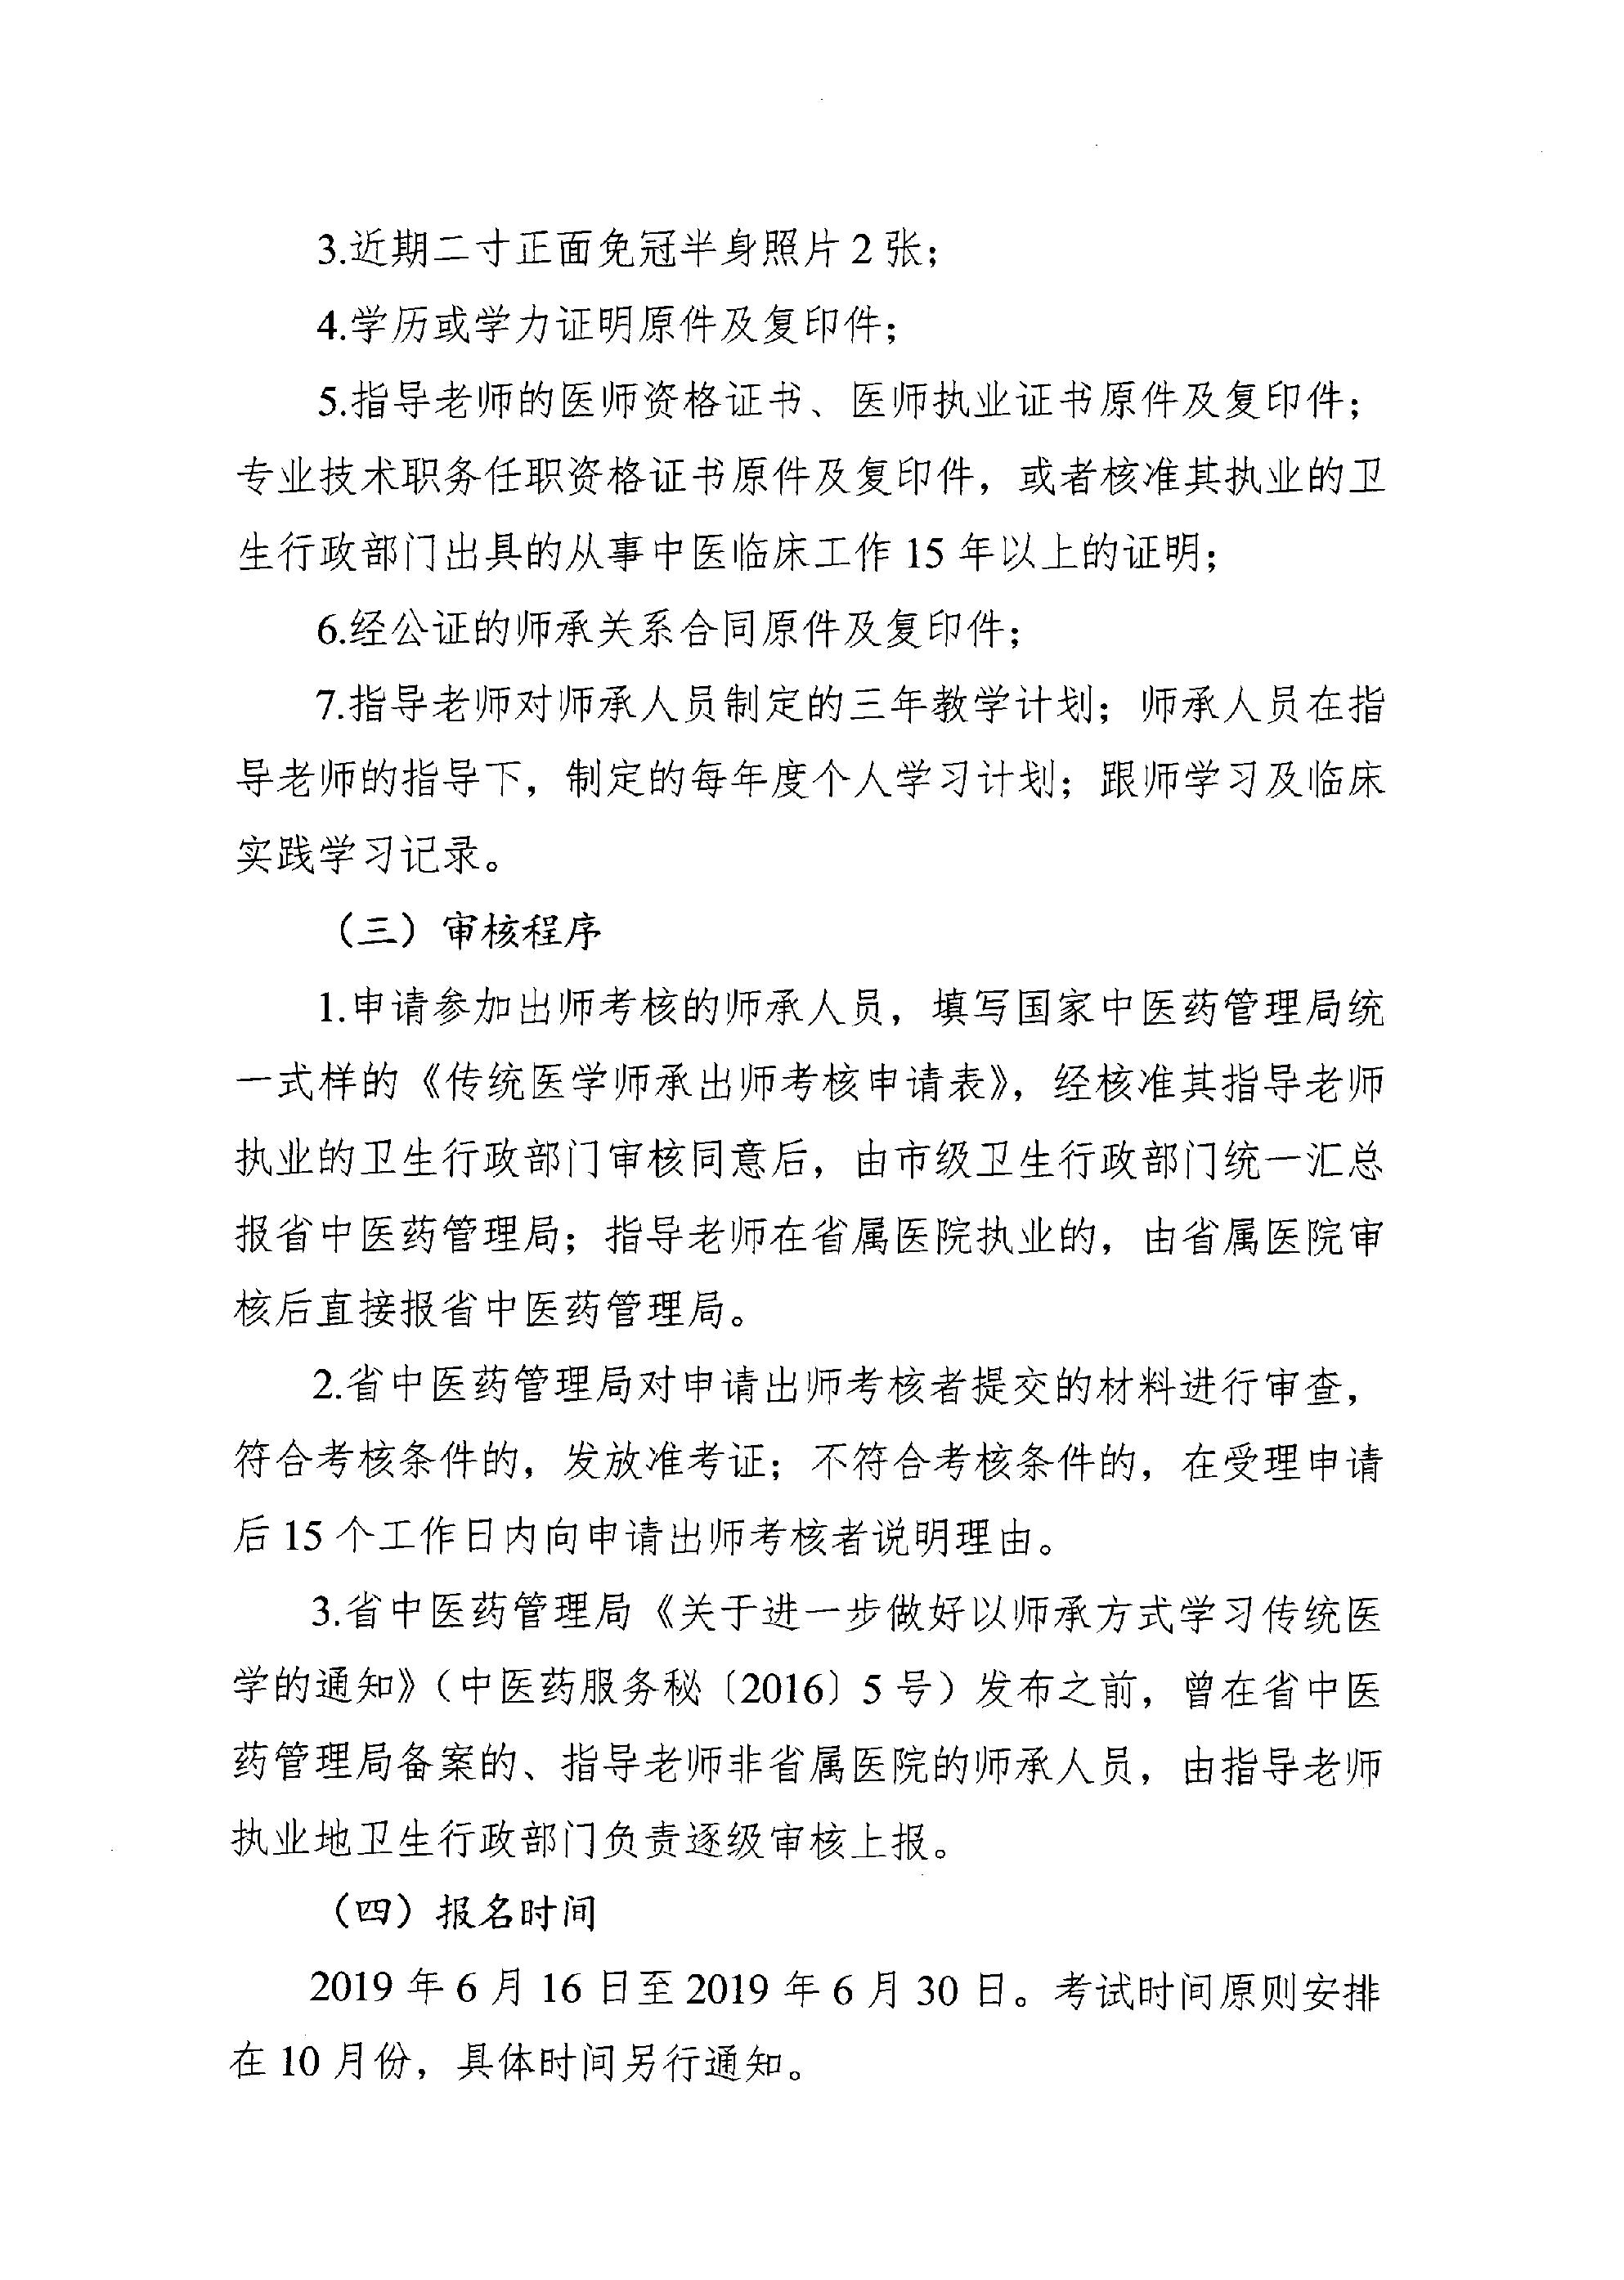 2019年安徽省传统医学出师考核和确有专长人员考核工作的通知2